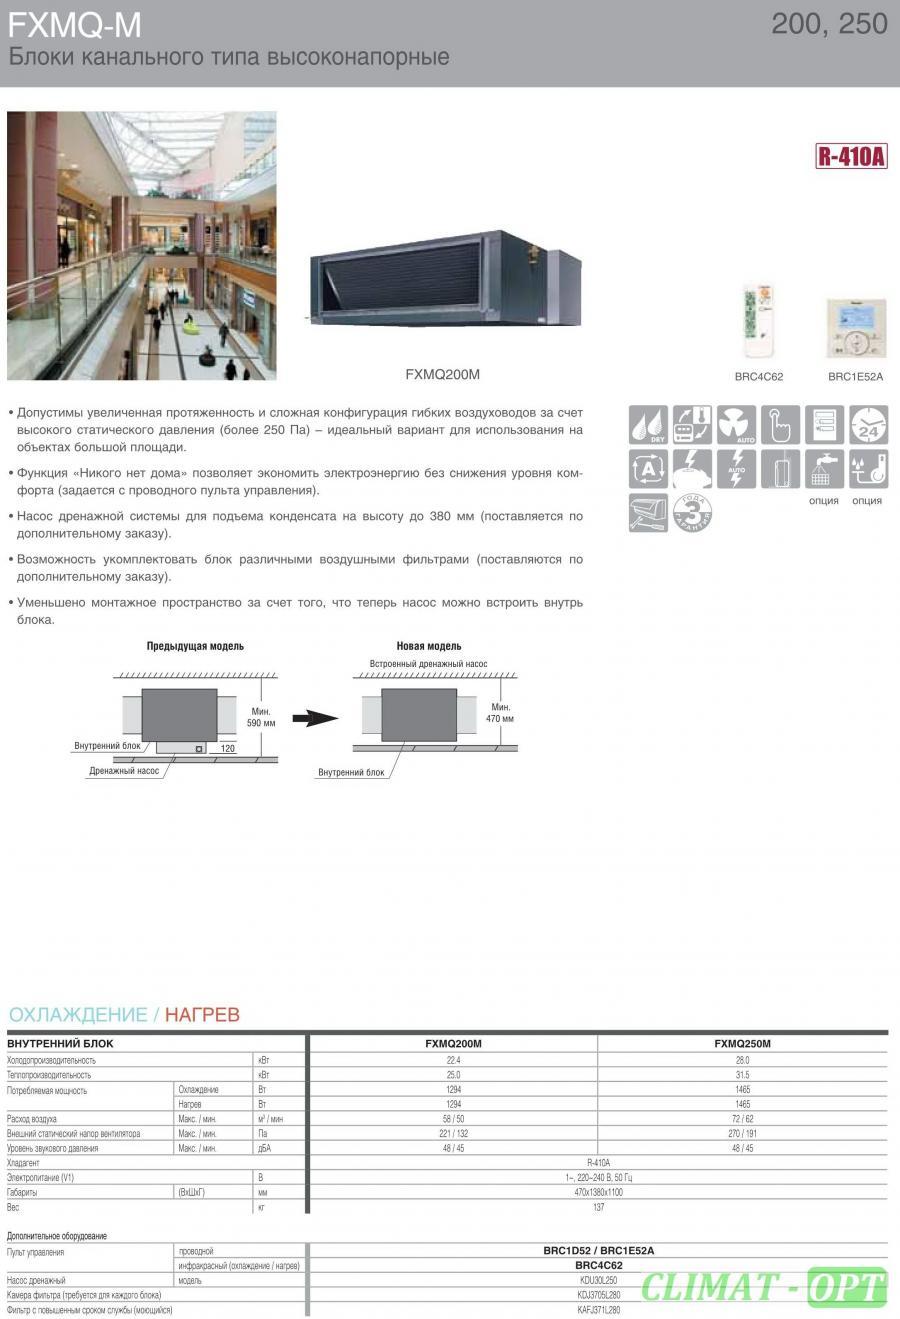 Высоконапорный блок канального типа Daikin VRV FXMQ - MA